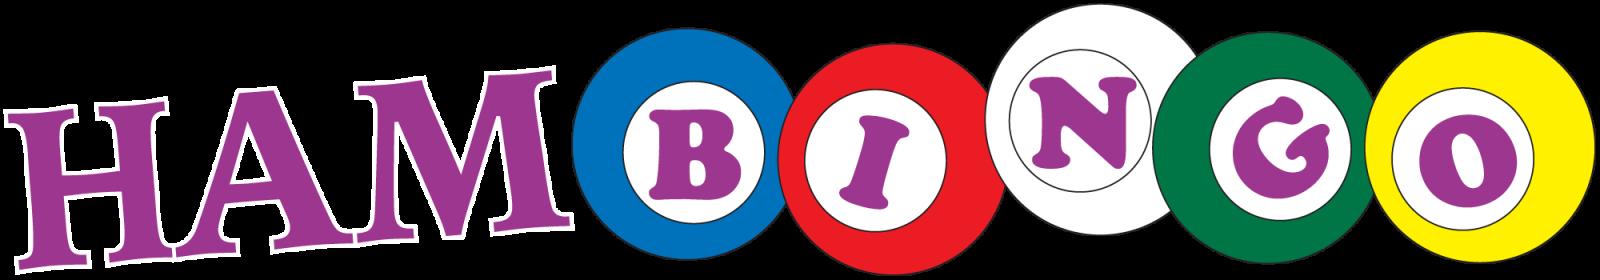 Ham and turkey bingo clipart clip art free HamBINGO | Hamburger Mary's Milwaukee clip art free